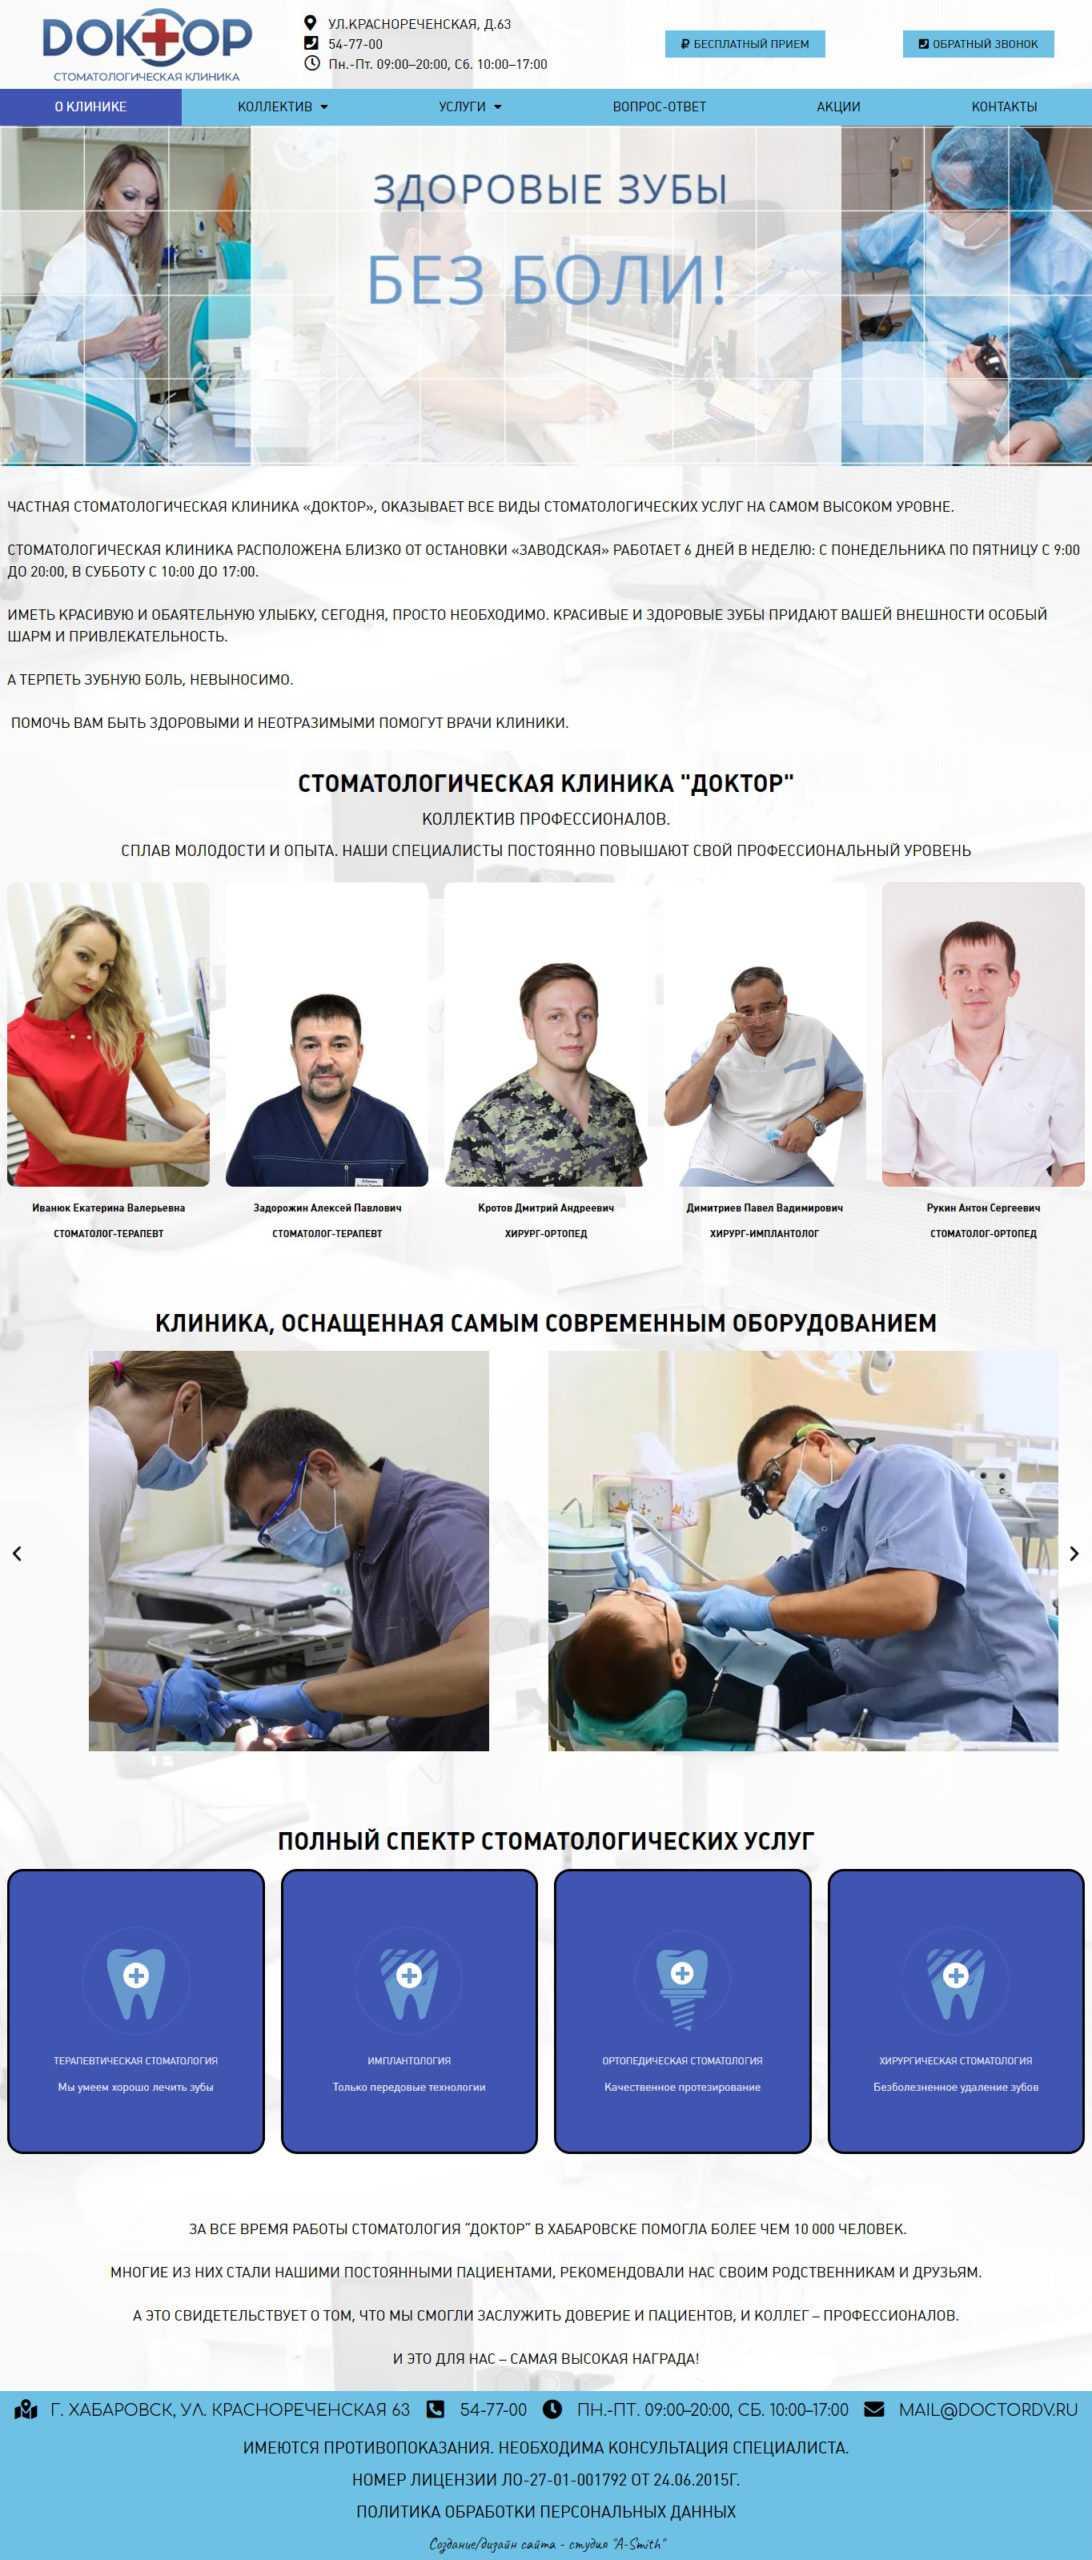 DOCTORDV.RU